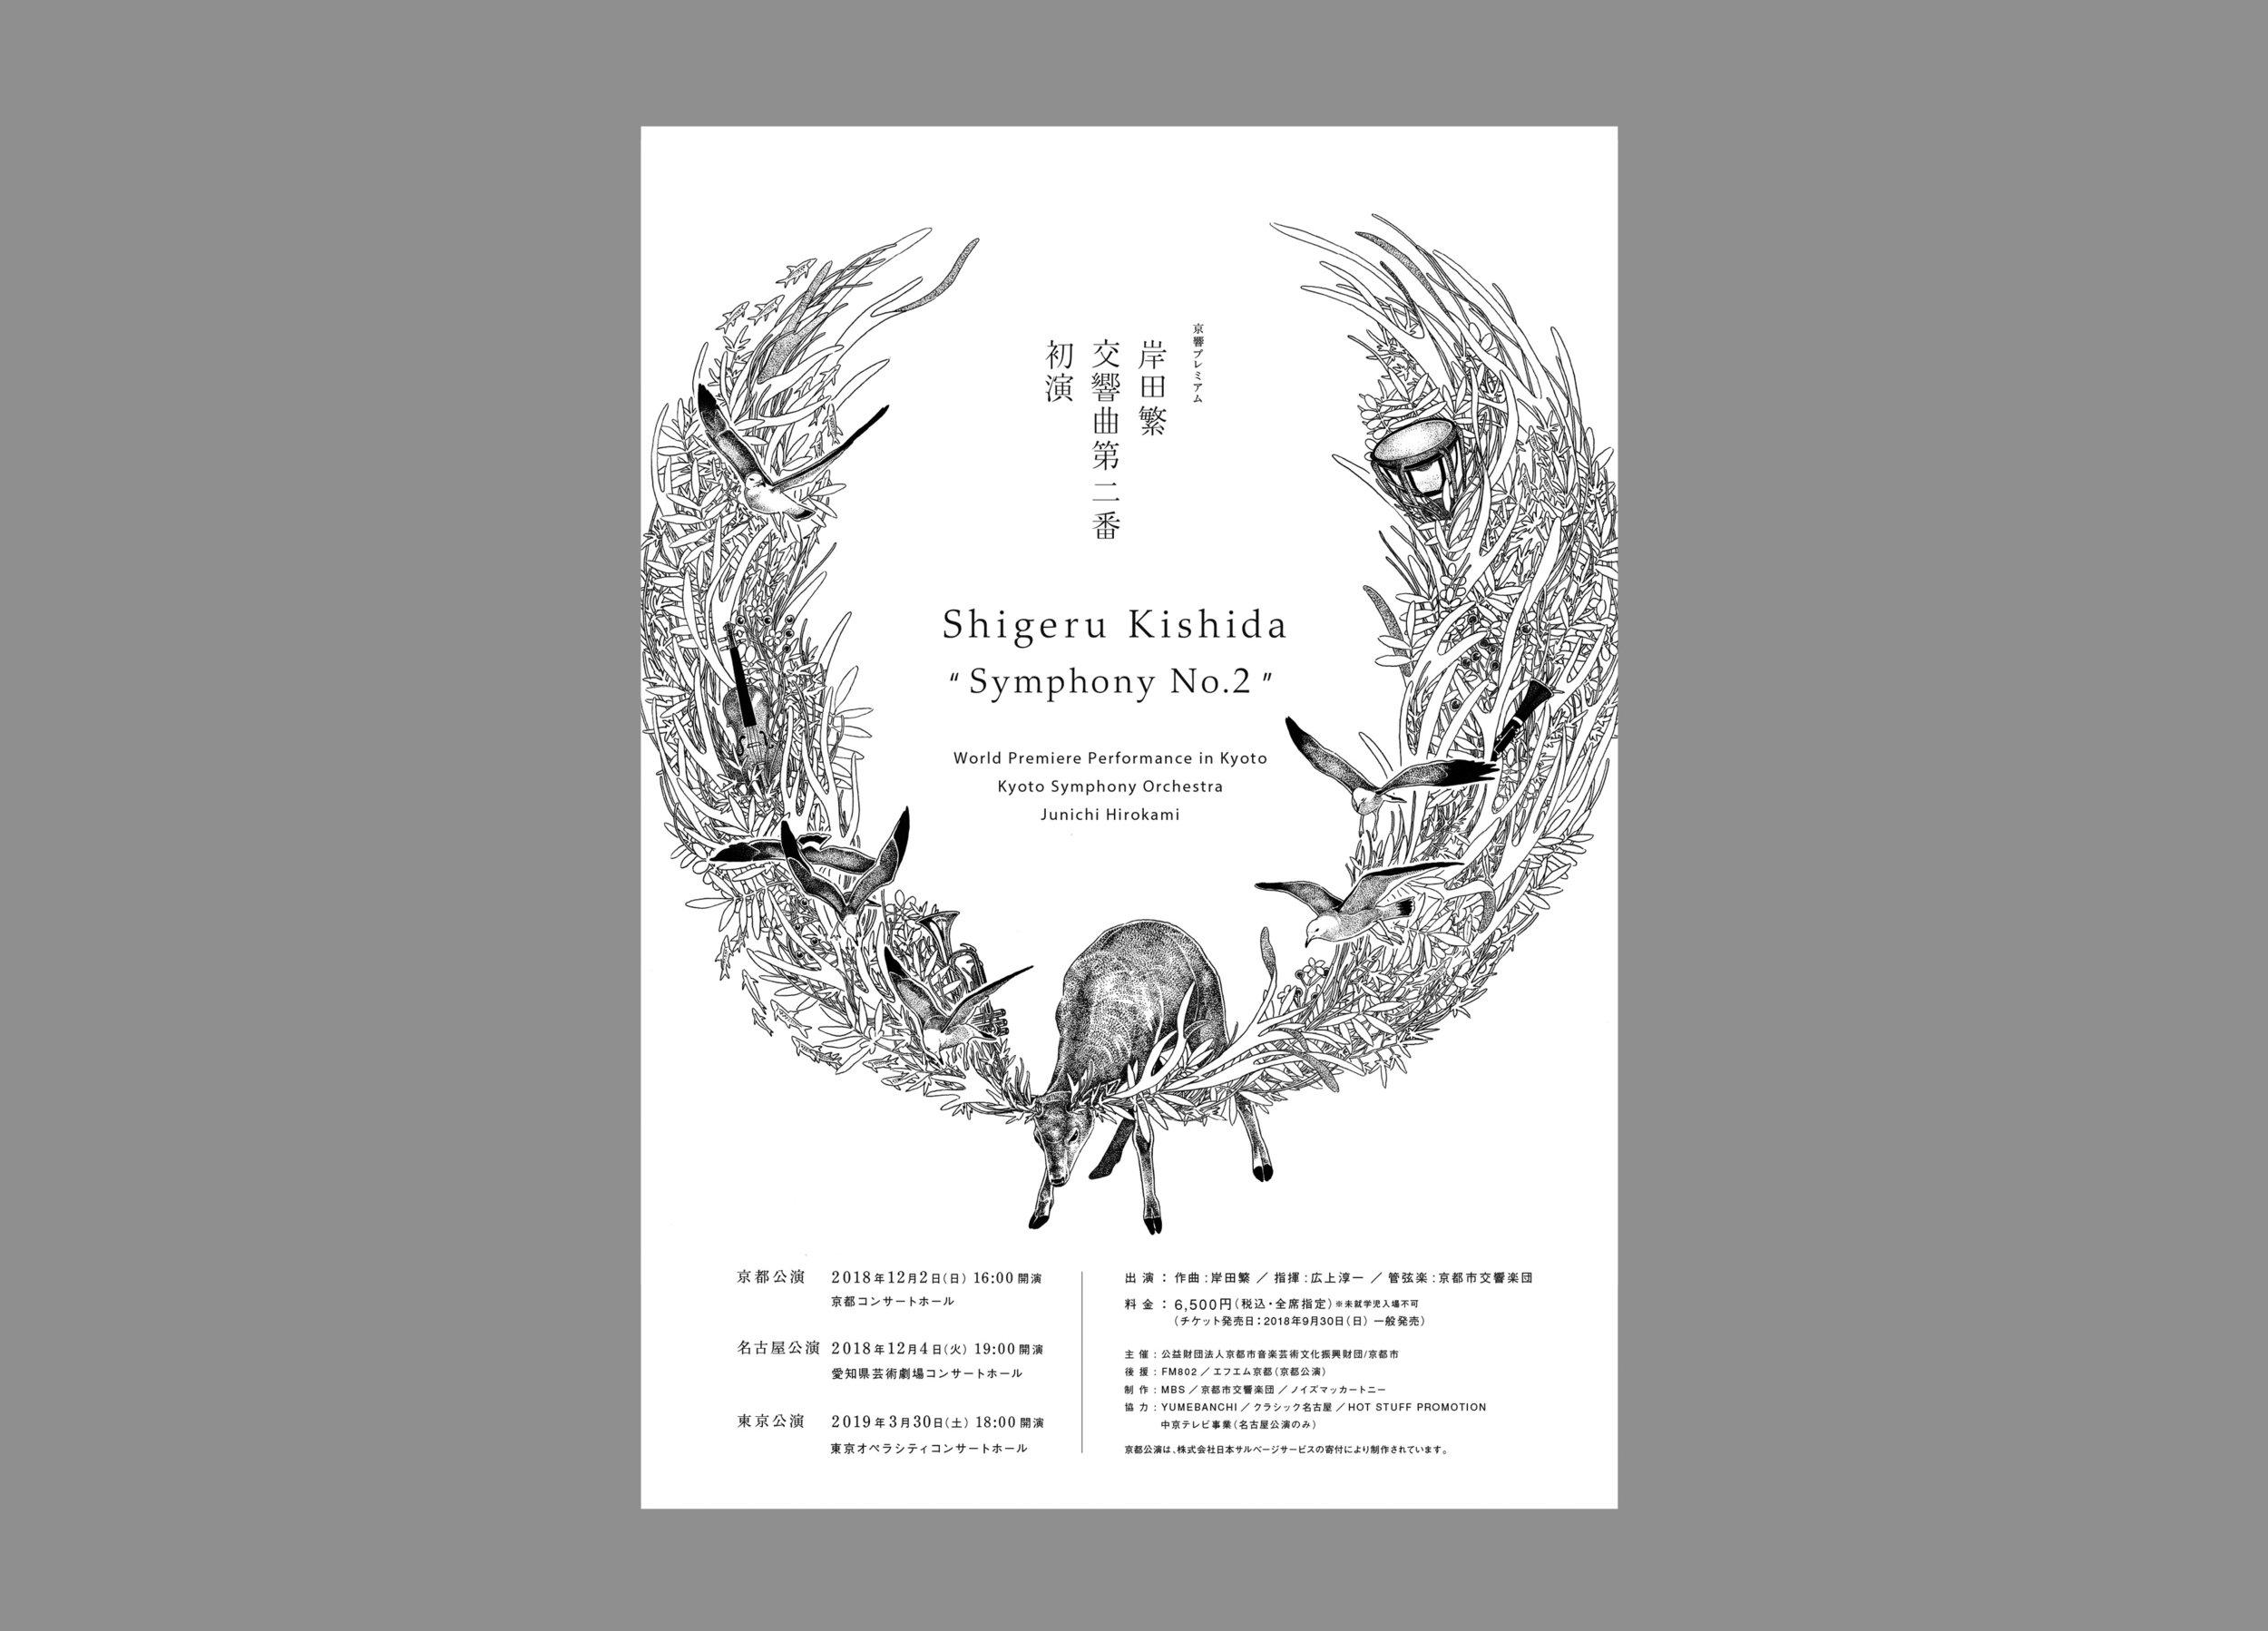 岸田繁交響曲第二番 初演